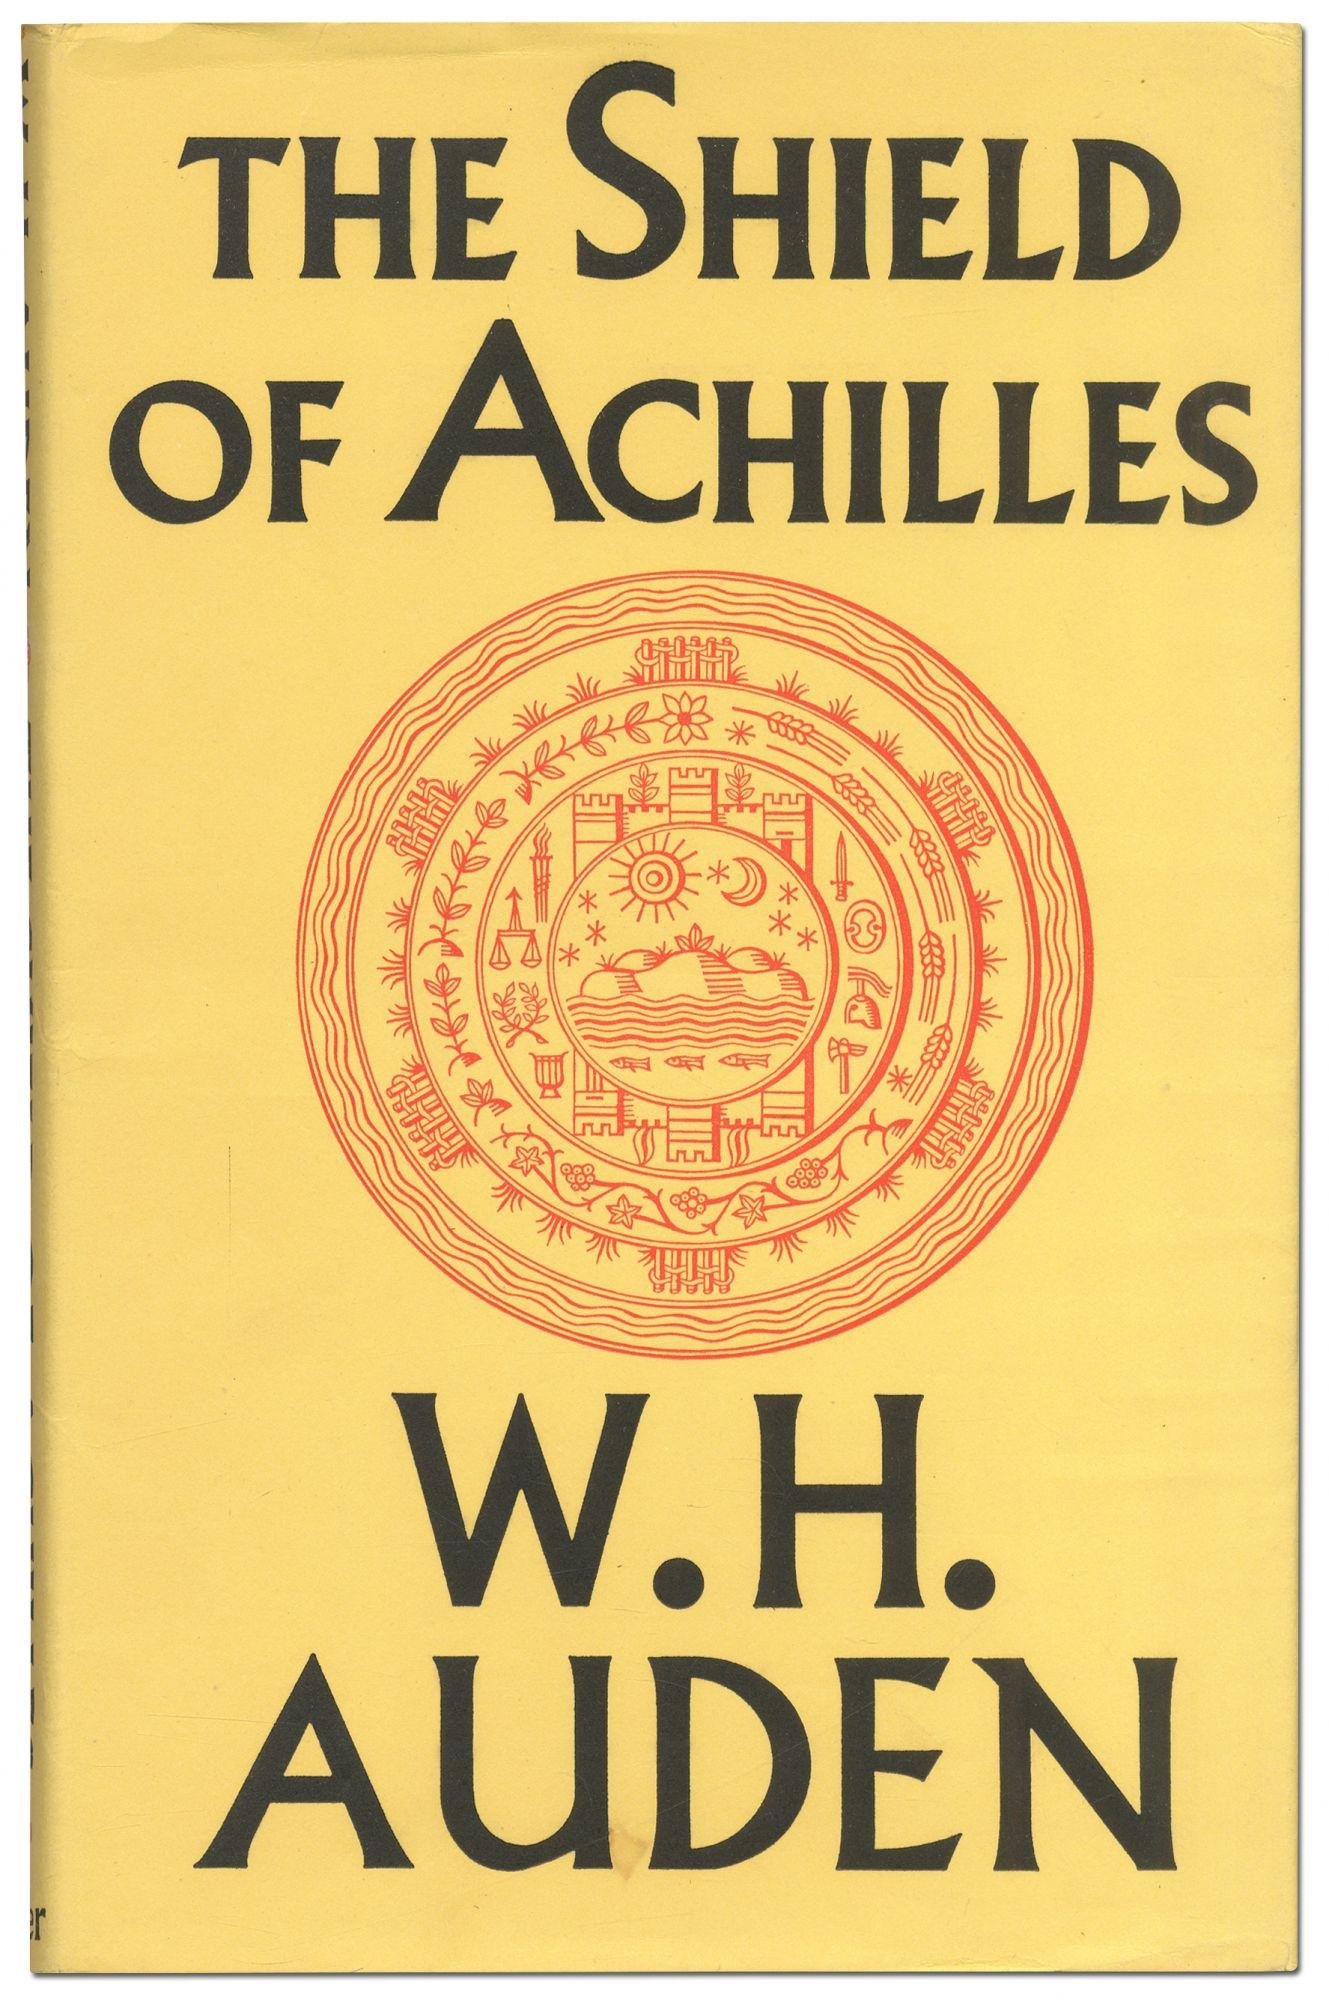 W. H. Auden - The Shield of Achilles